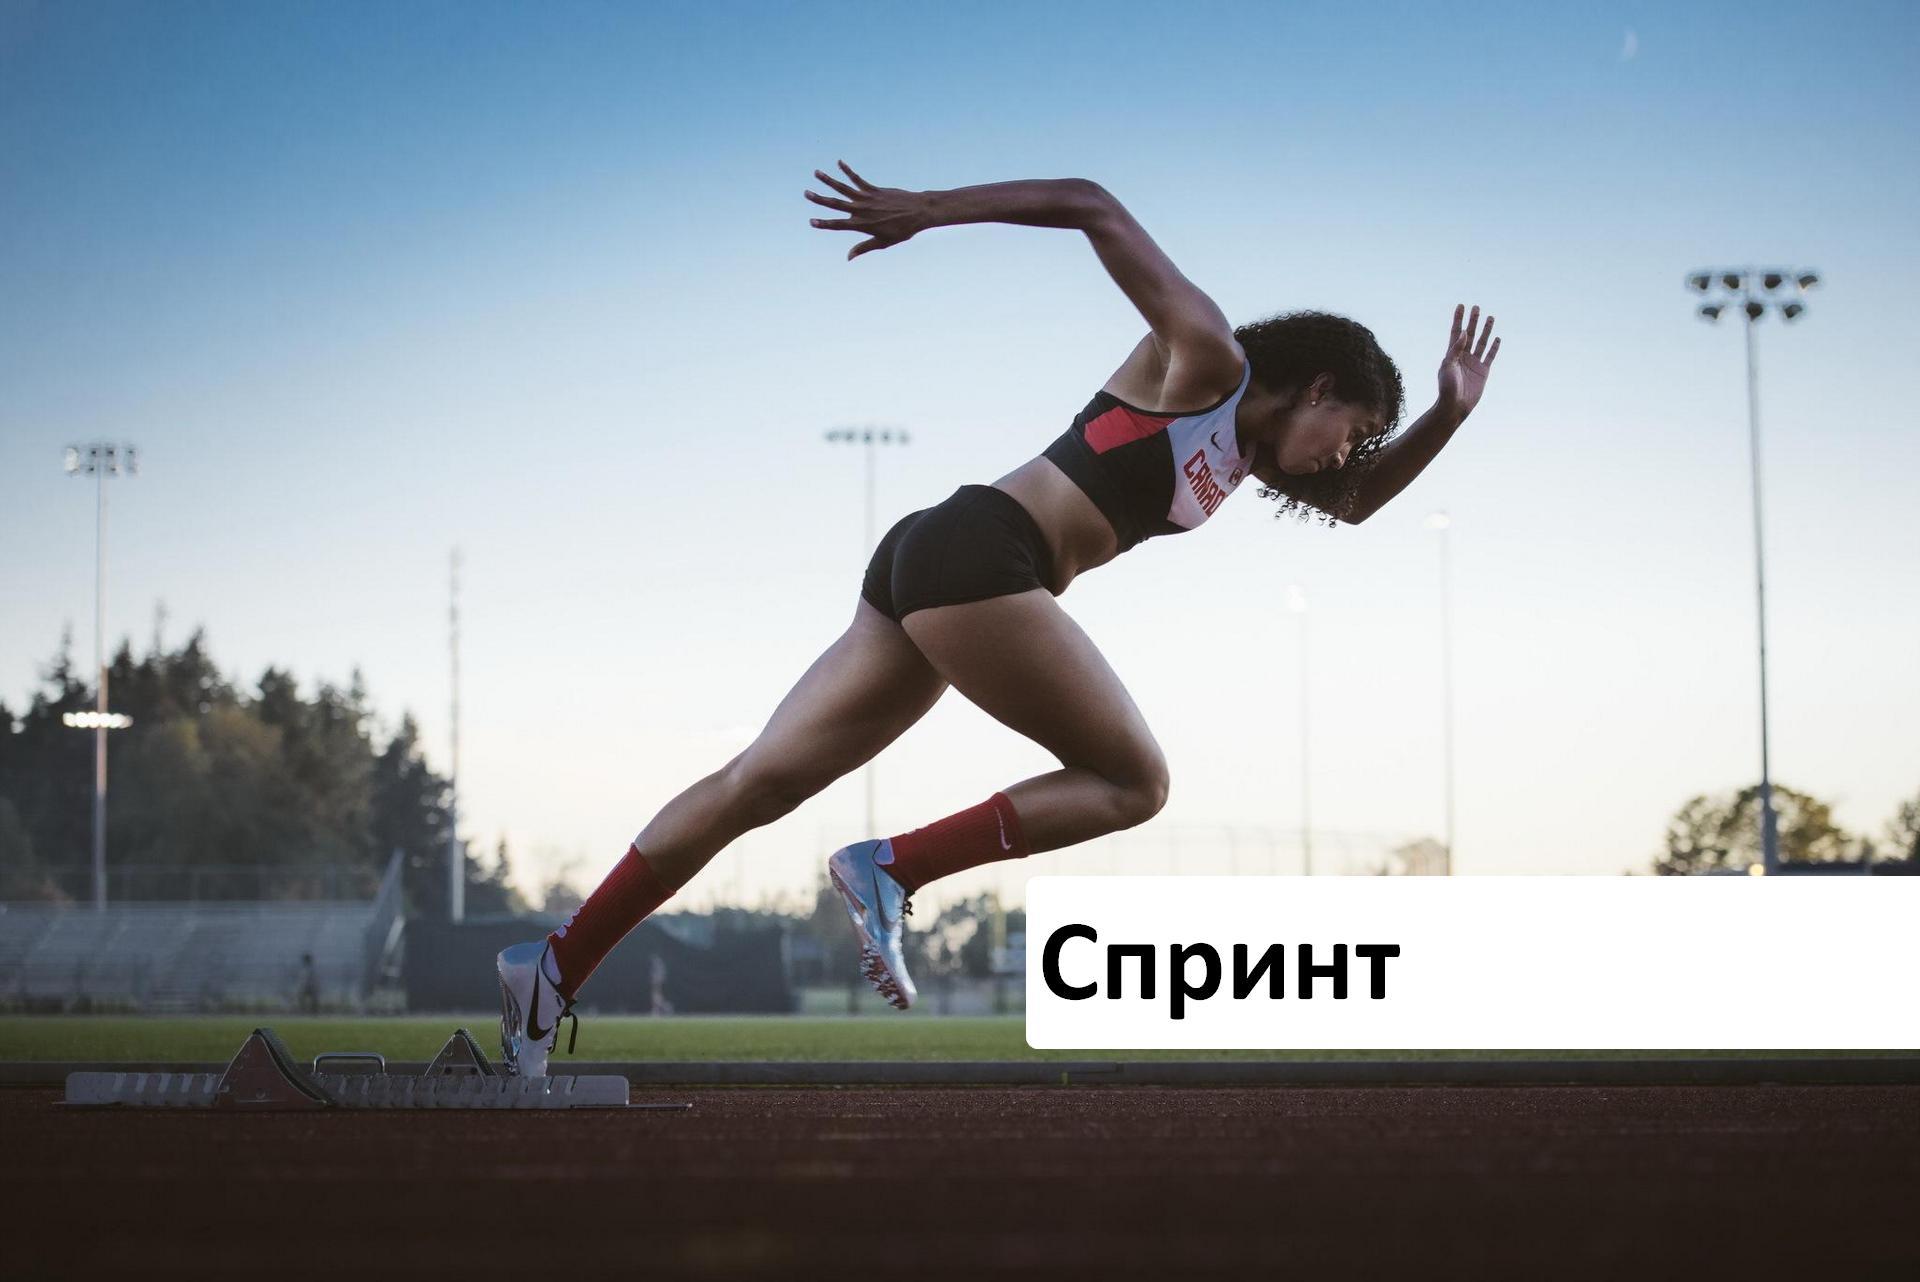 cât de repede se aprinde sprintul kc pierdere în greutate miracolă